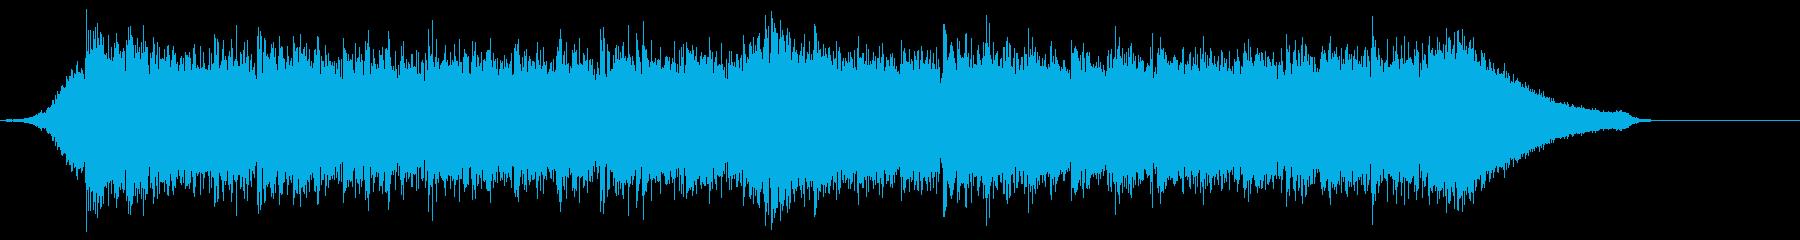 企業VP映像、120オーケストラ、爽快cの再生済みの波形